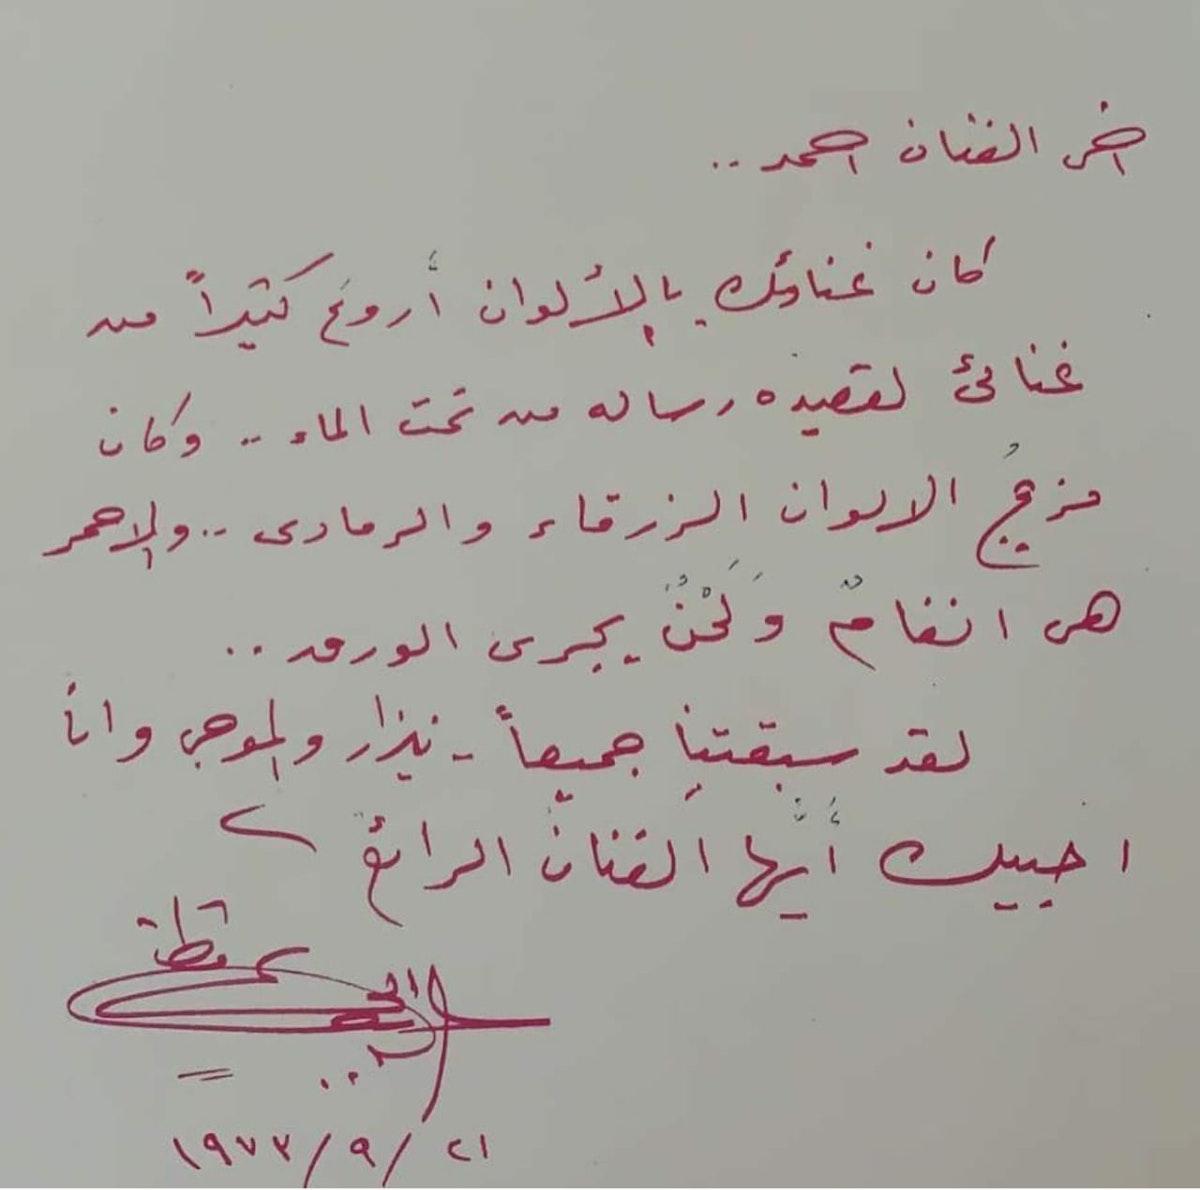 خطاب شكر من عبد الحليم حافظ إلى الفنان التشكيلي أحمد شيحا - الشرق